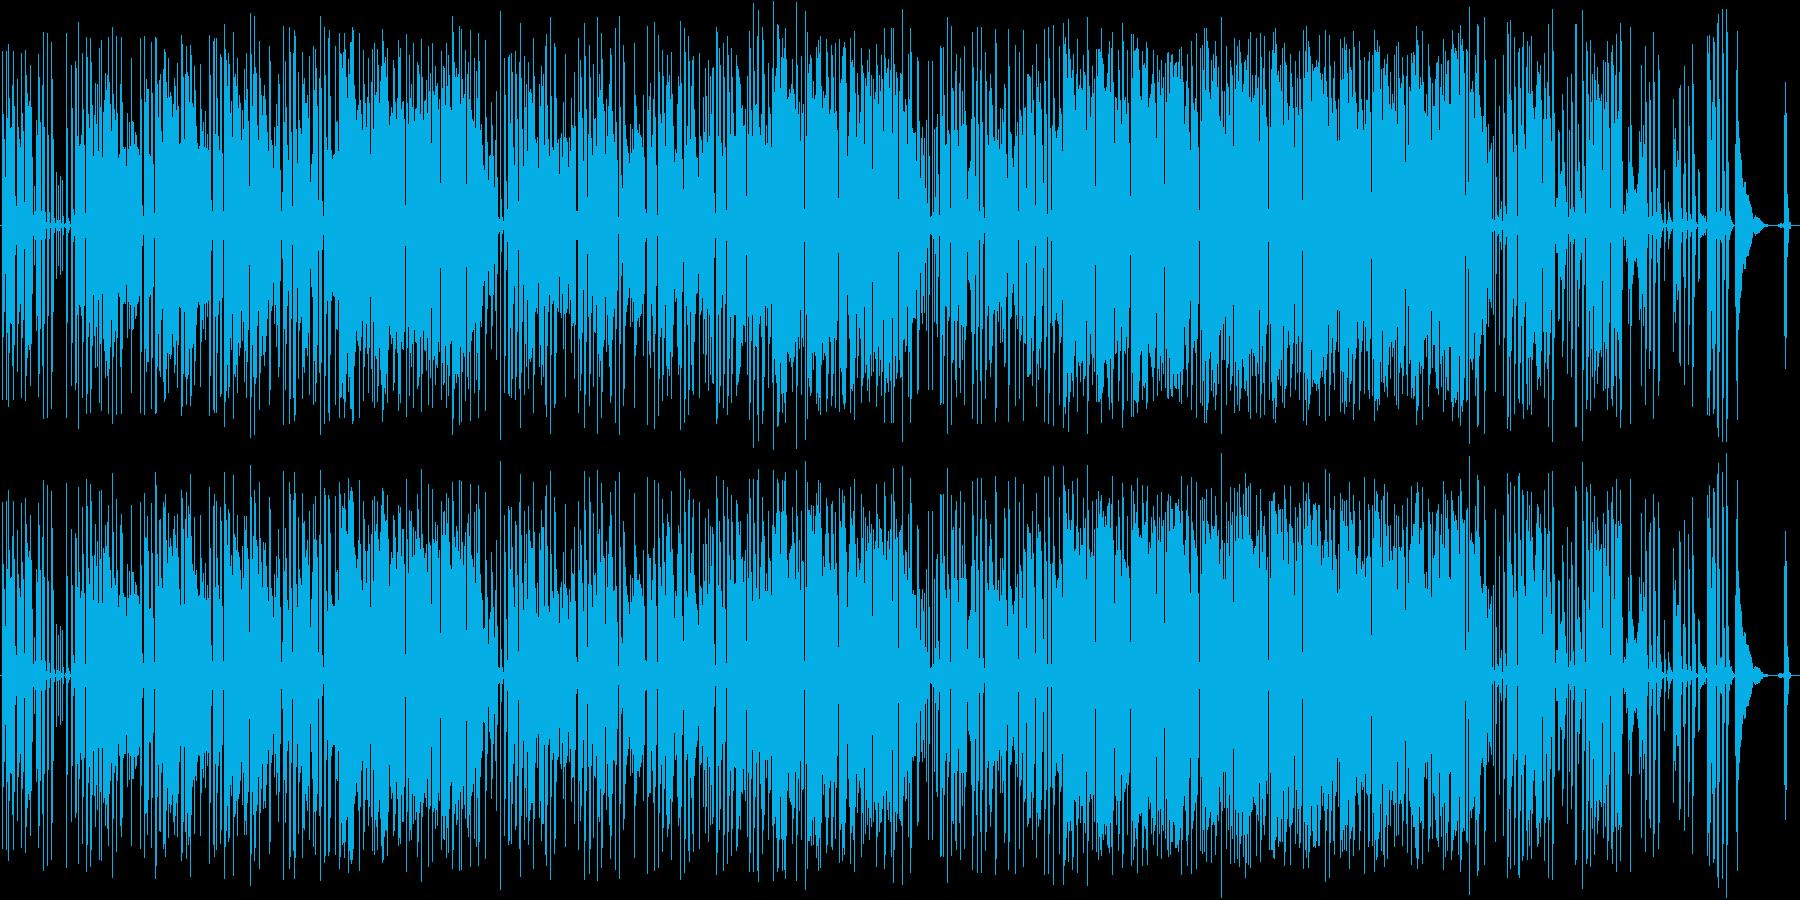 かわいい歌詞のポップスの再生済みの波形